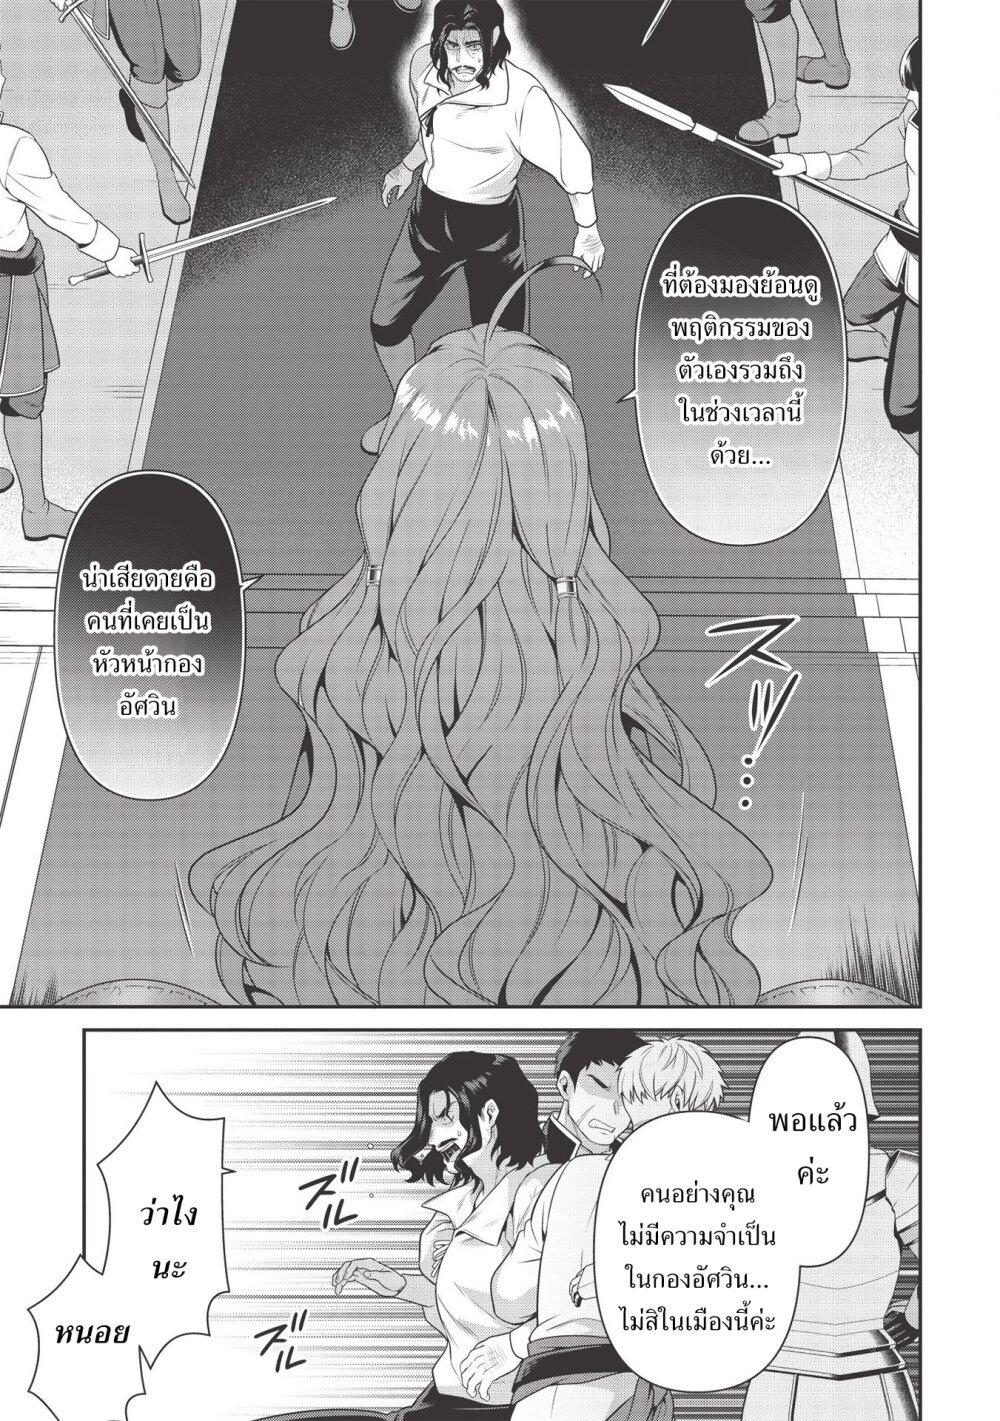 อ่านการ์ตูน Eiyu-Oh Bu Wo Kiwameru tame Tensei Su. Soshite, Sekai Saikyou no Minarai Kisi ♀ ตอนที่ 11 หน้าที่ 21